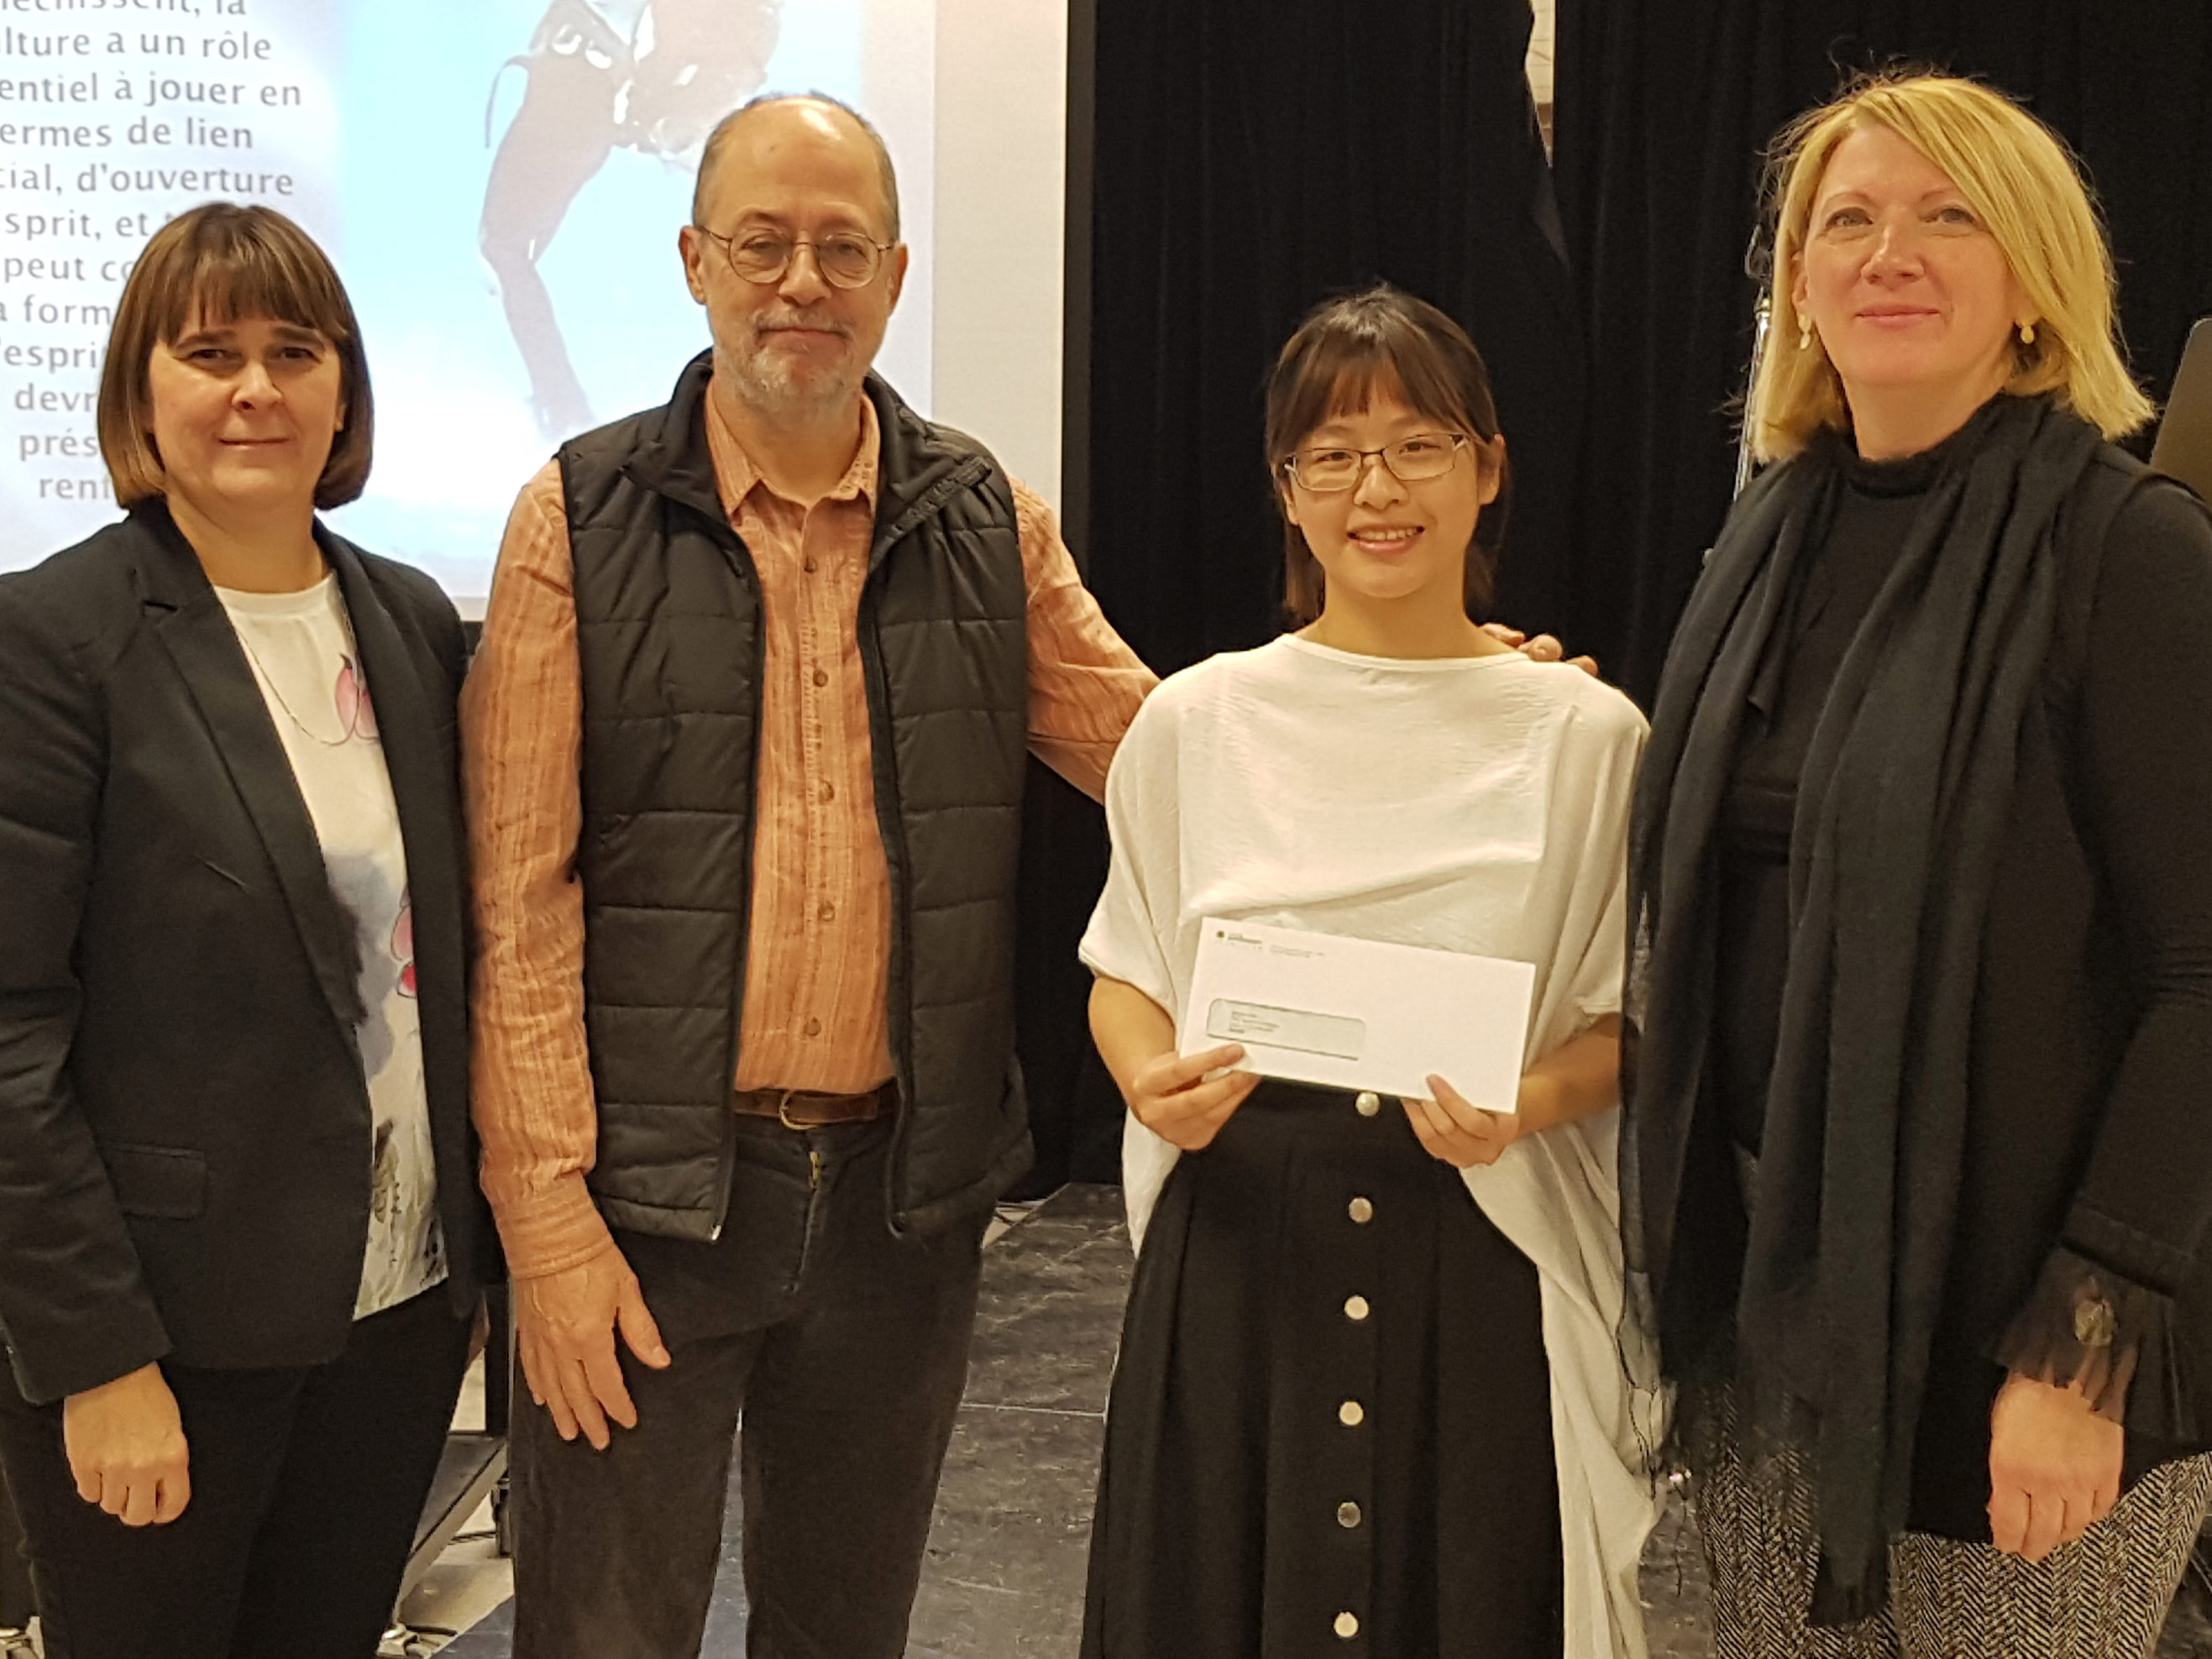 Winnie Chen est la récipiendaire de la première bourse d'études Michel Paradis pour la muséologie internationale. Professeur retraité, M. Paradis a mis sur pied cette bourse pour encourager les stages de fin d'études hors Canada.